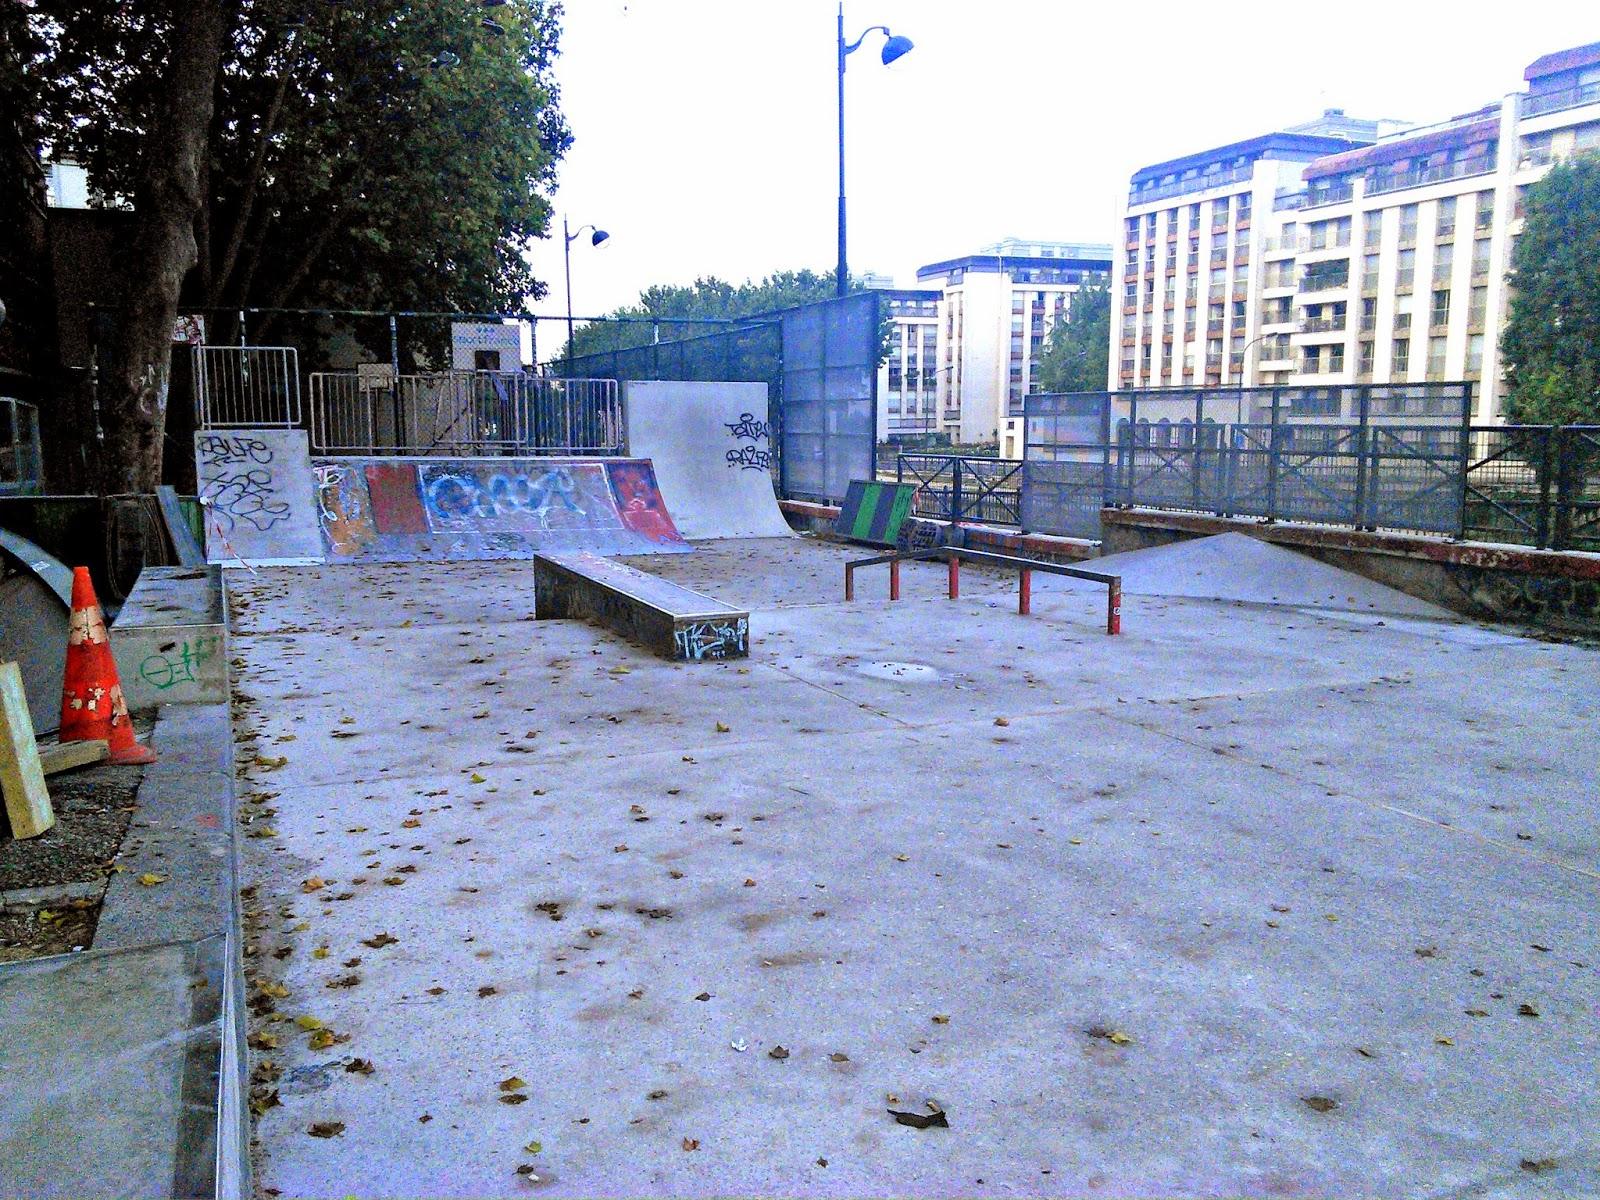 Jemmapes travaux skatepark